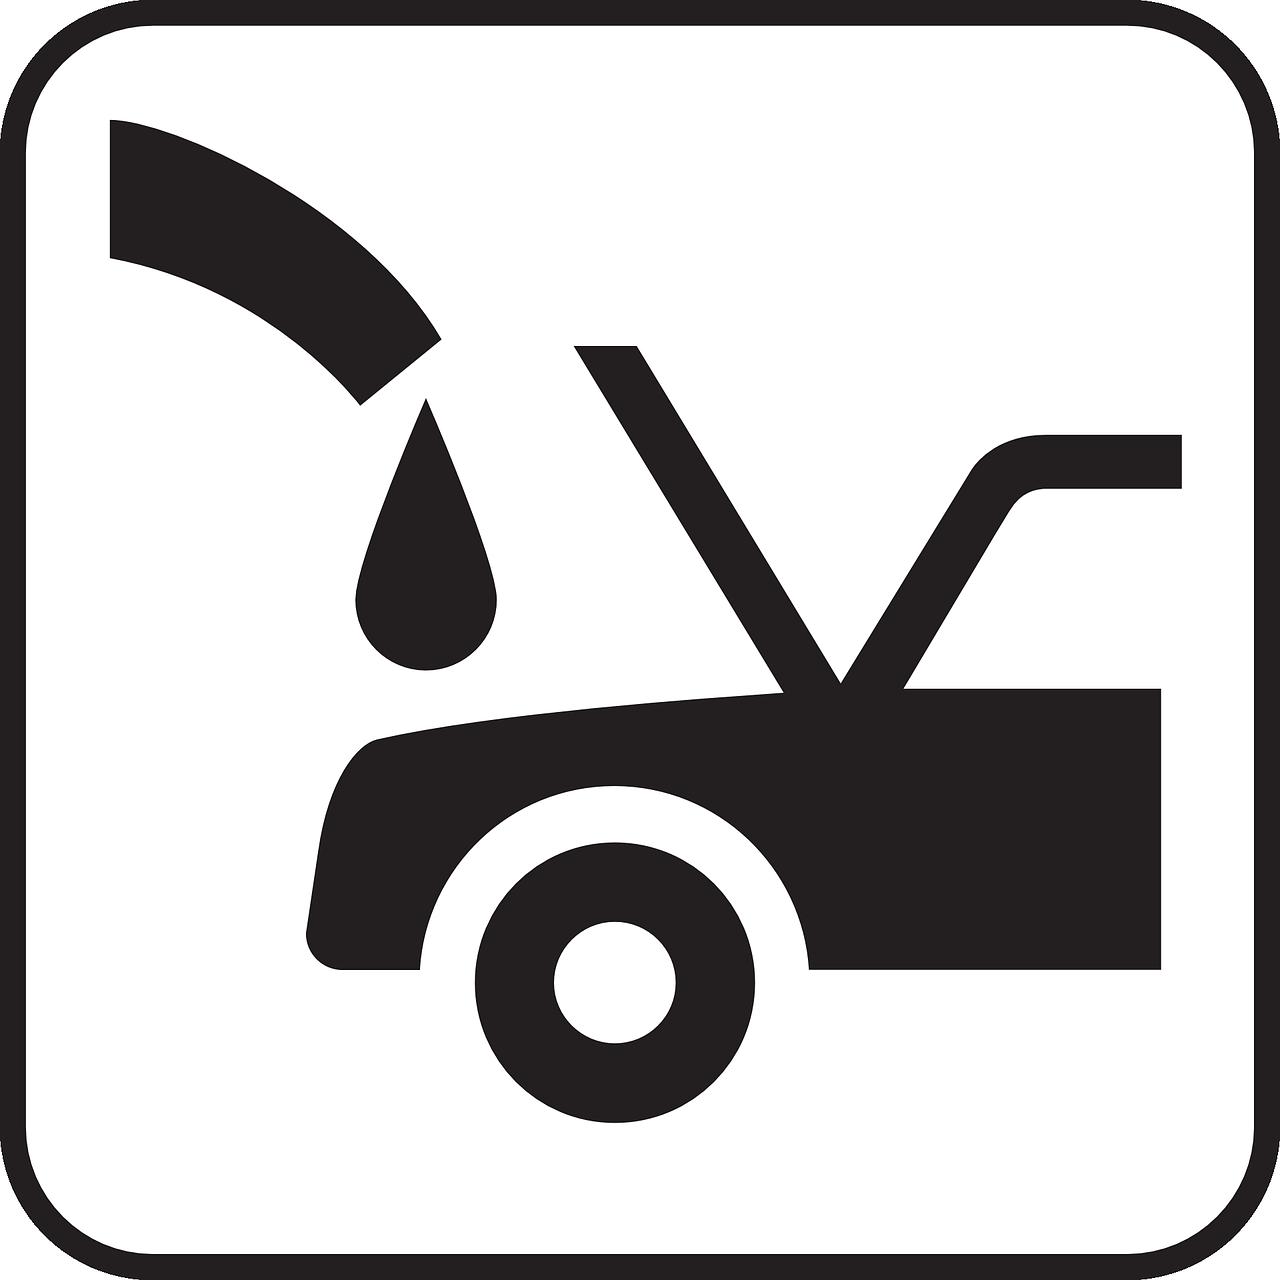 Free Image On Pixabay Oil Garage Service Engine Oil Change Car Oil Change Engineering